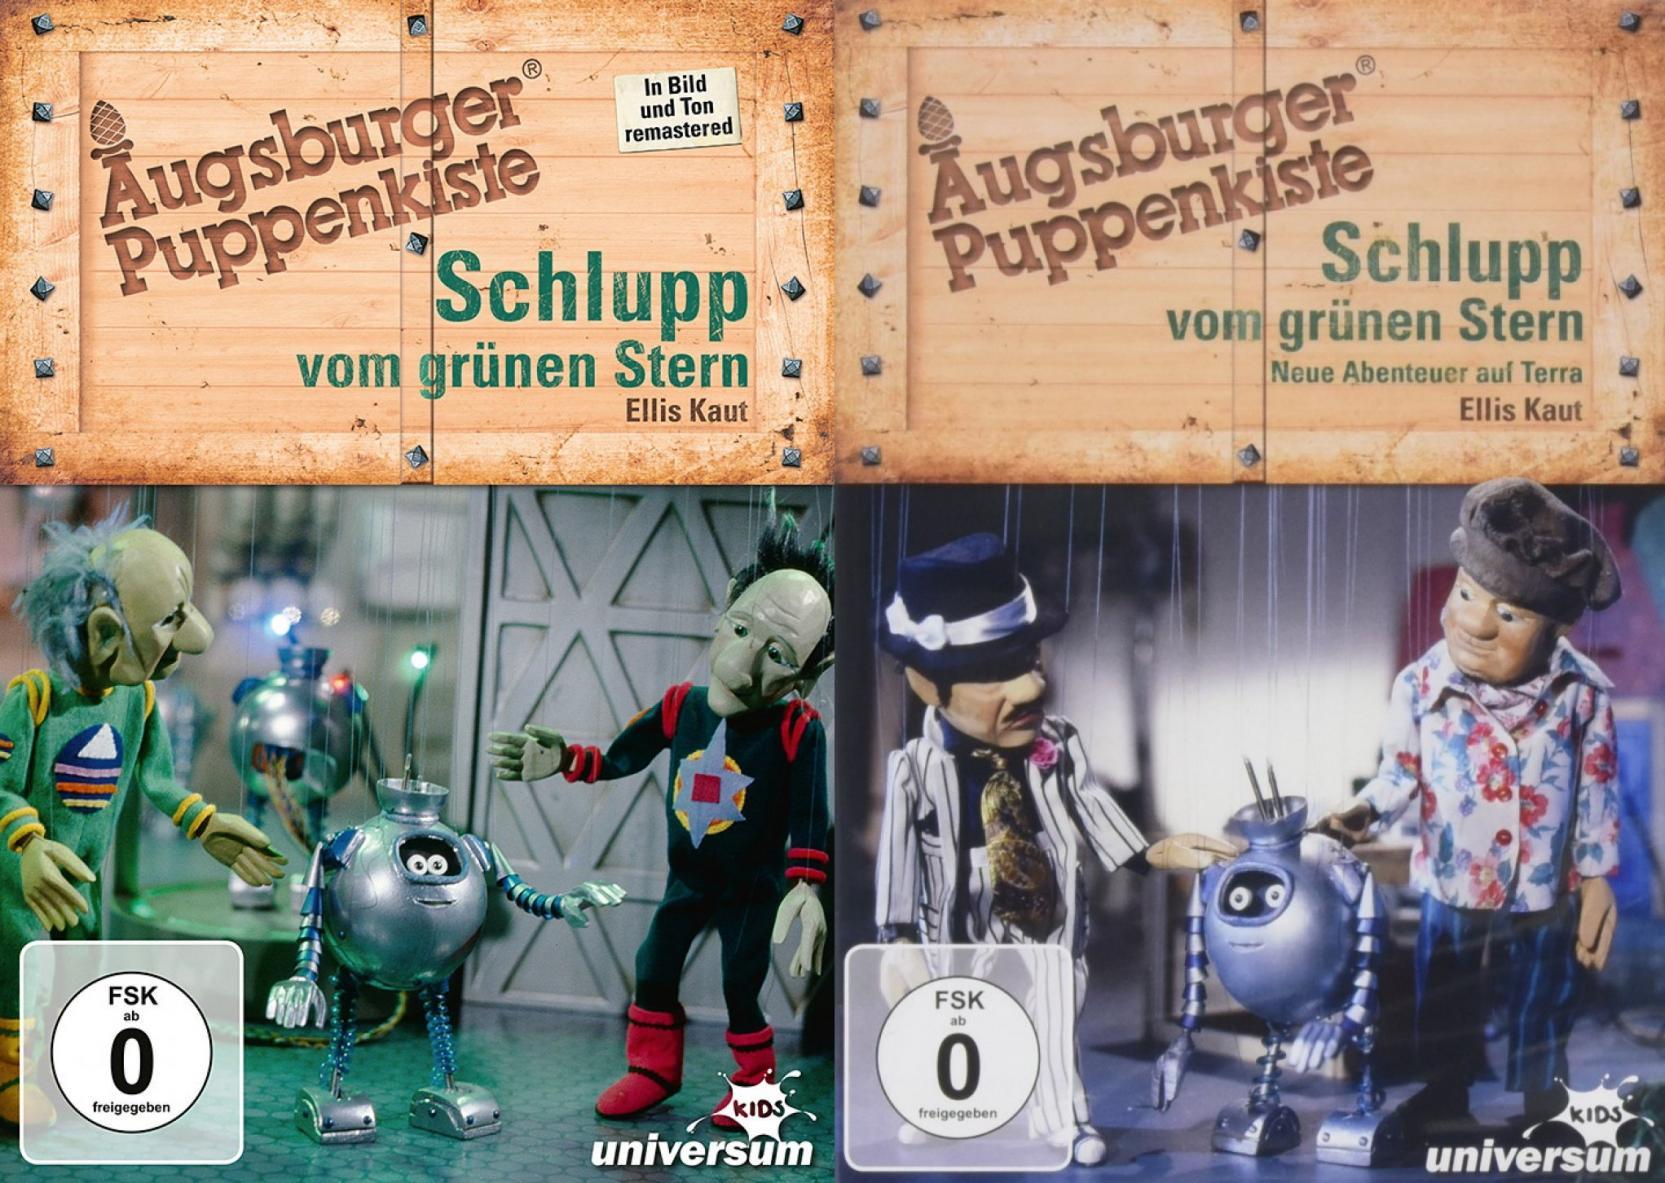 Schlupp vom grünen Stern + Schlupp vom grünen Stern - Neue Abenteuer auf Terra - Augsburger Puppenkiste - Set (DVD)